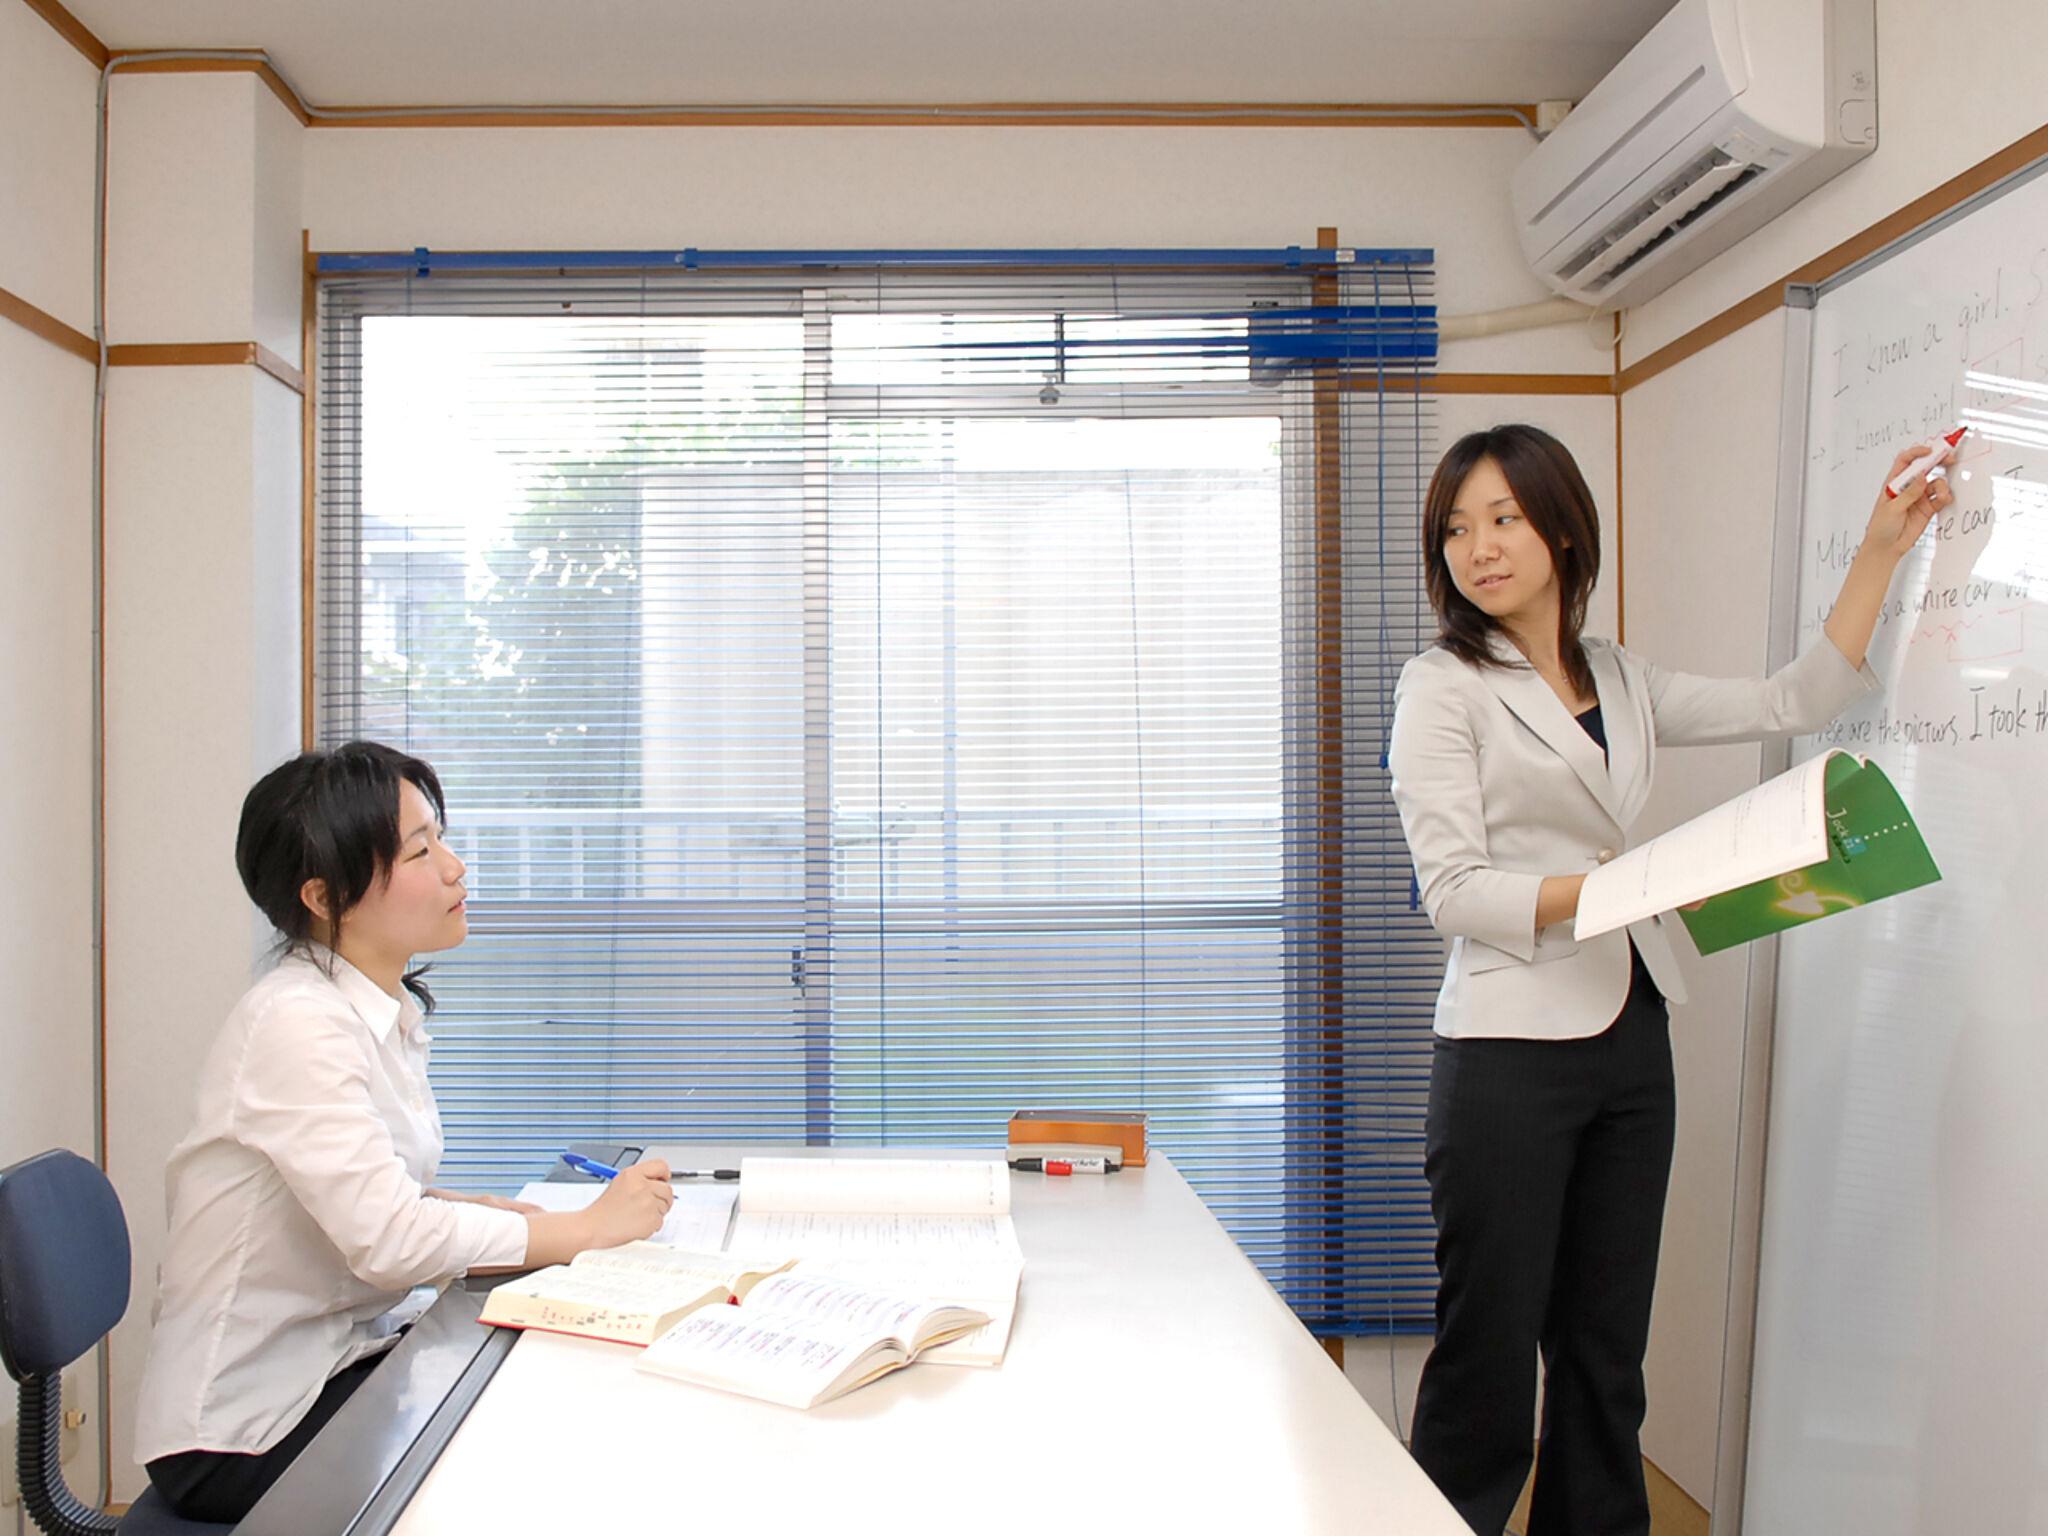 生徒が女性の講師に指導を受けている画像